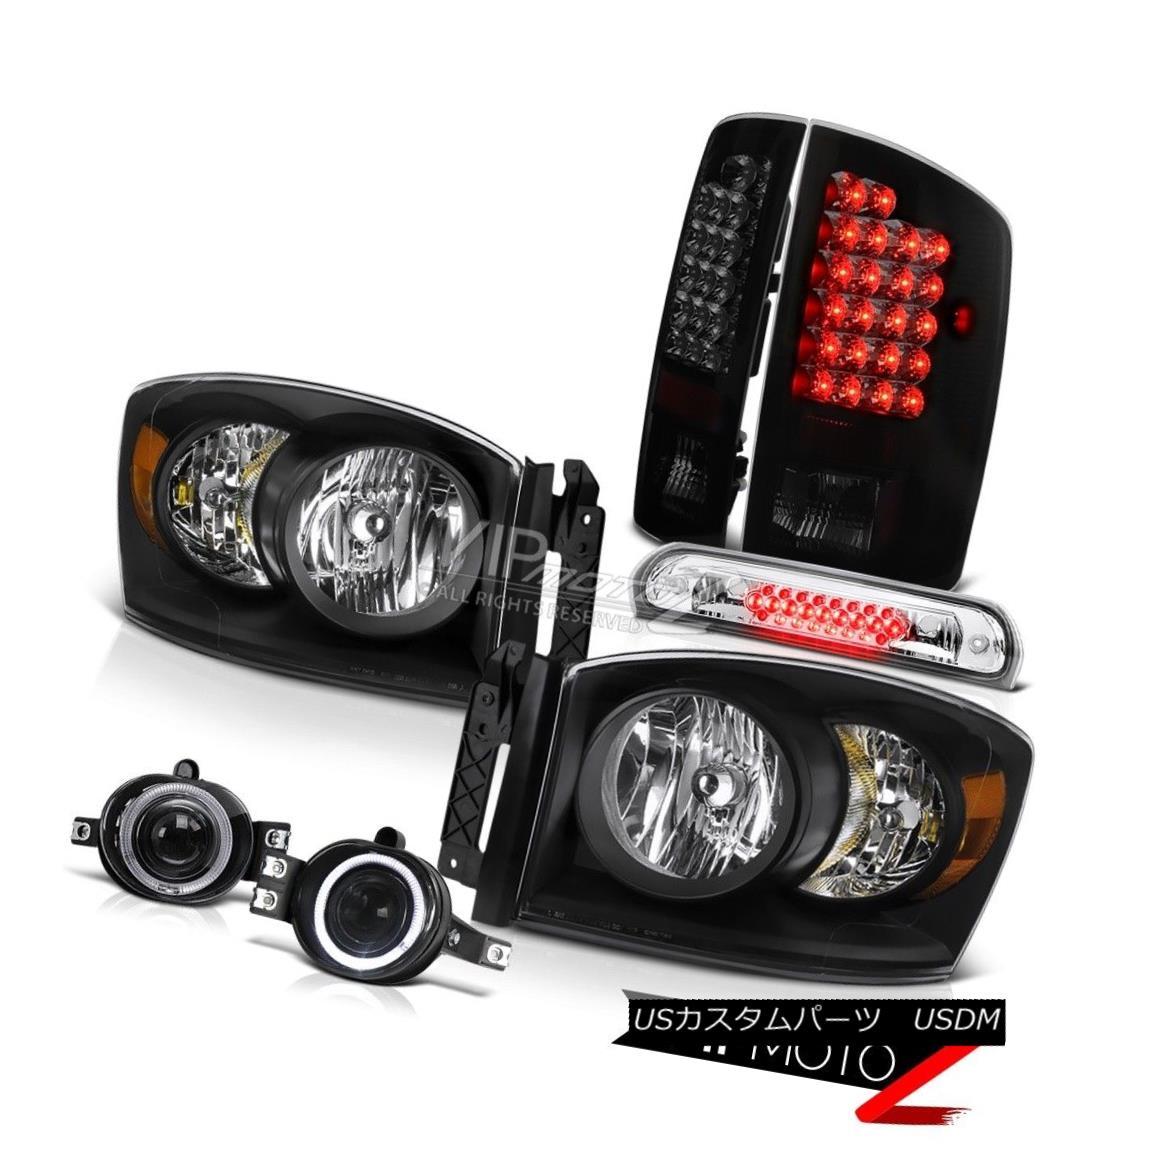 ヘッドライト 07 08 Ram V8 Clear/Black Headlight Sinister Black LED Taillights Fog Third Brake 07 08ラムV8クリア/ブラックヘッドライト不快なブラックLED曇り霧フォードサードブレーキ